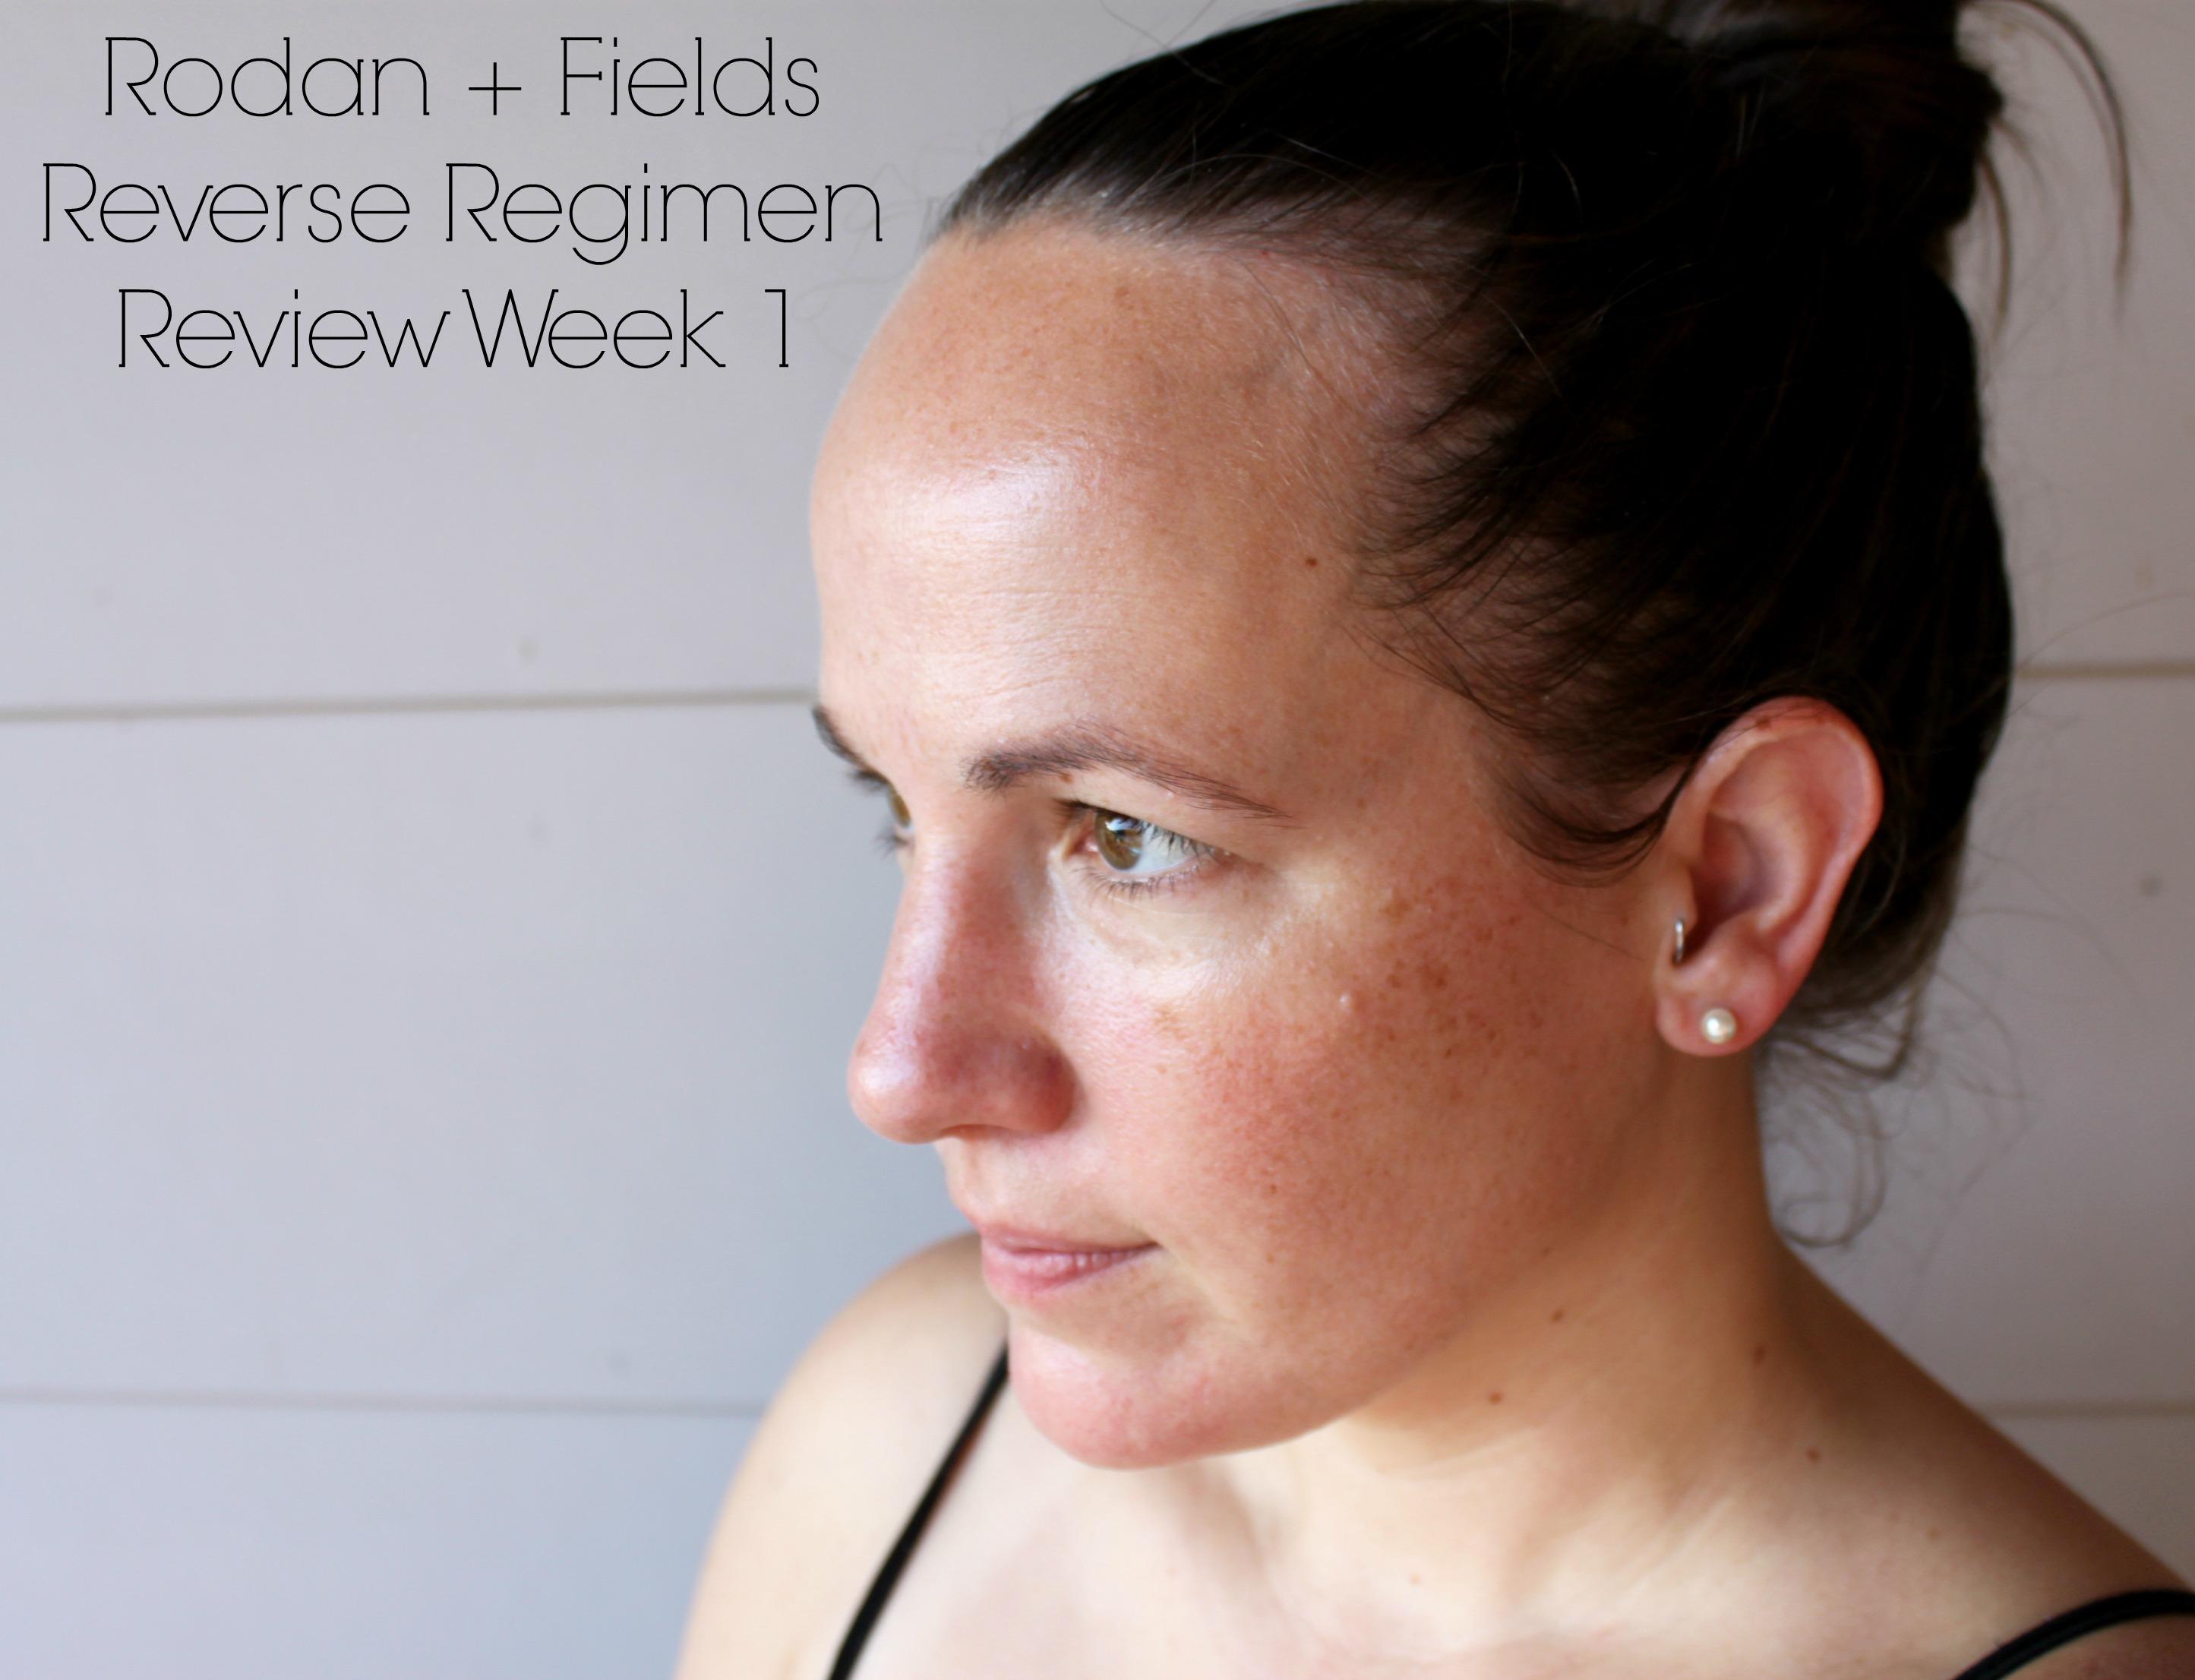 Trying The Rodan Fields Reverse Regimen Skin Care Review